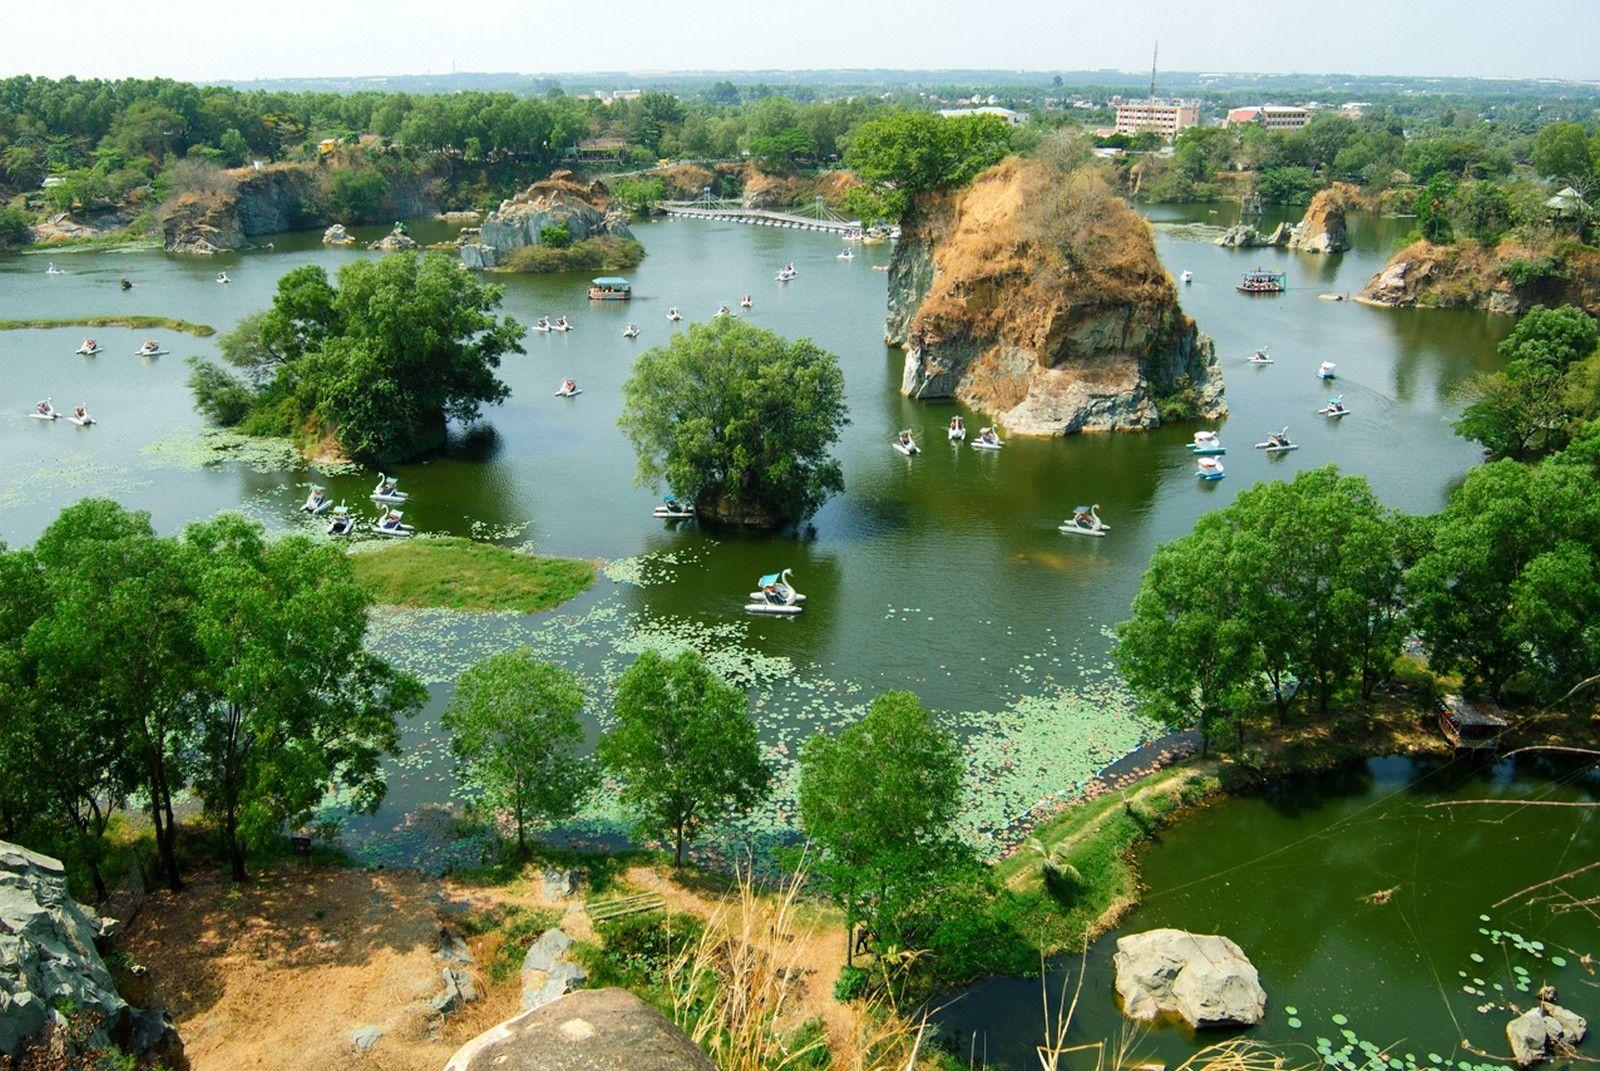 """Cảnh Hồ Long Ẩn thơ mộng được ví như """"Vịnh Hạ Long thu nhỏ"""" của Nam Bộ"""